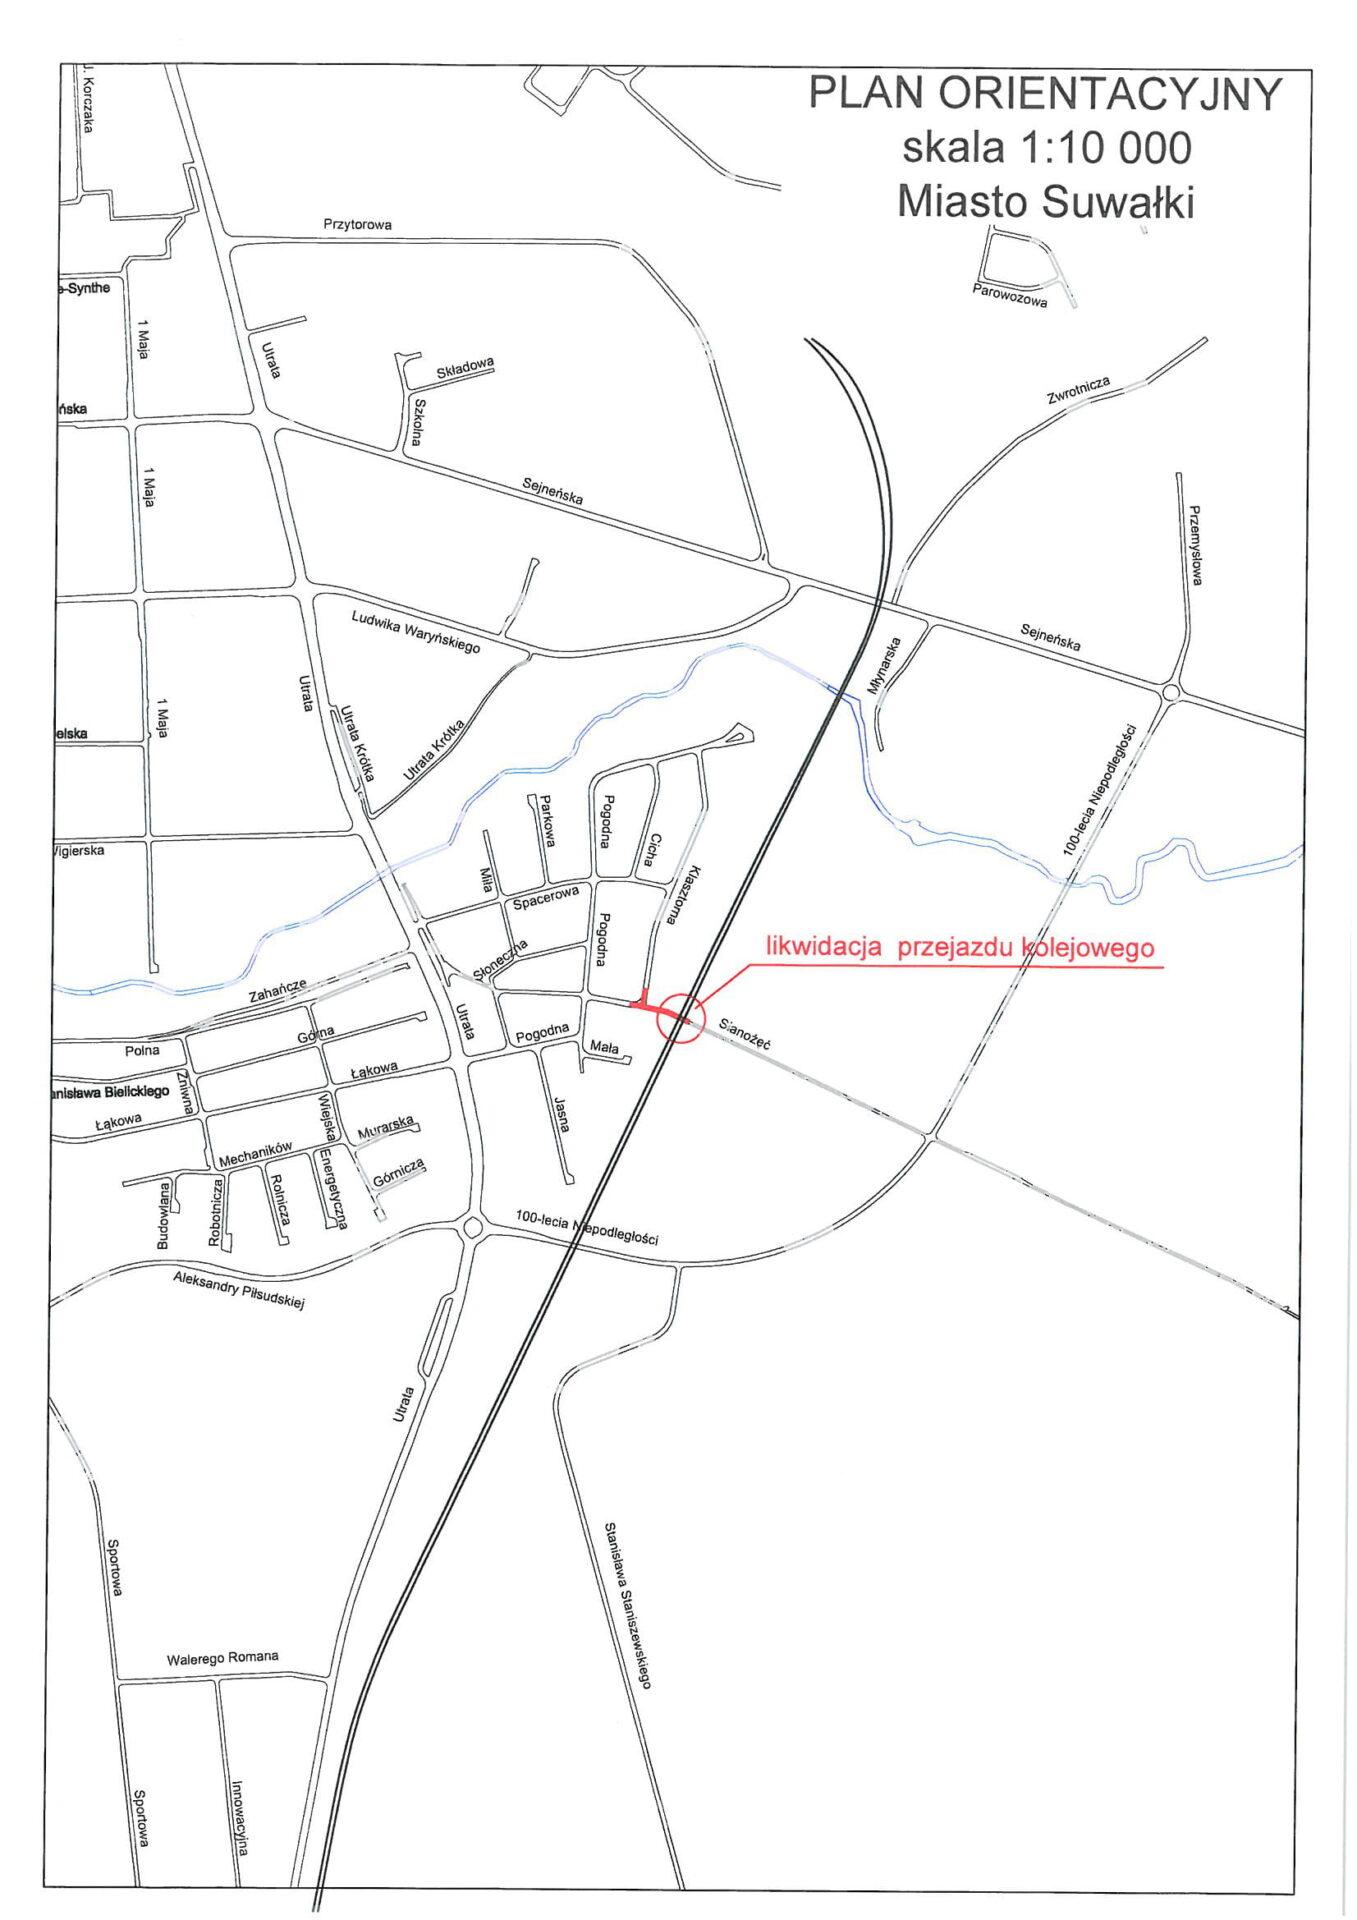 Likwidacja-przejazdu-kolejowego-Sianożęć